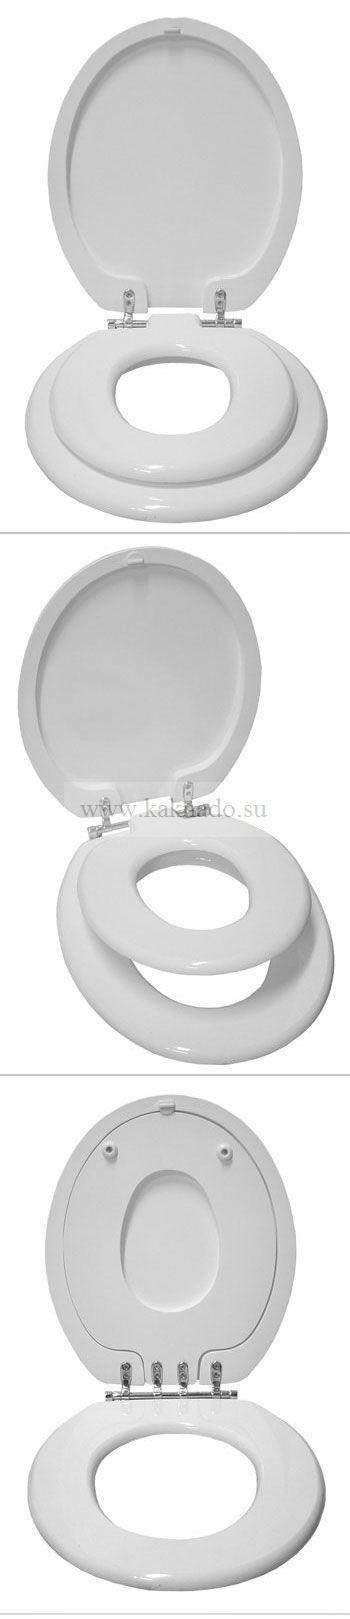 Где купить сиденье для унитаза 2 в 1 вызвать сантехника в ульяновске